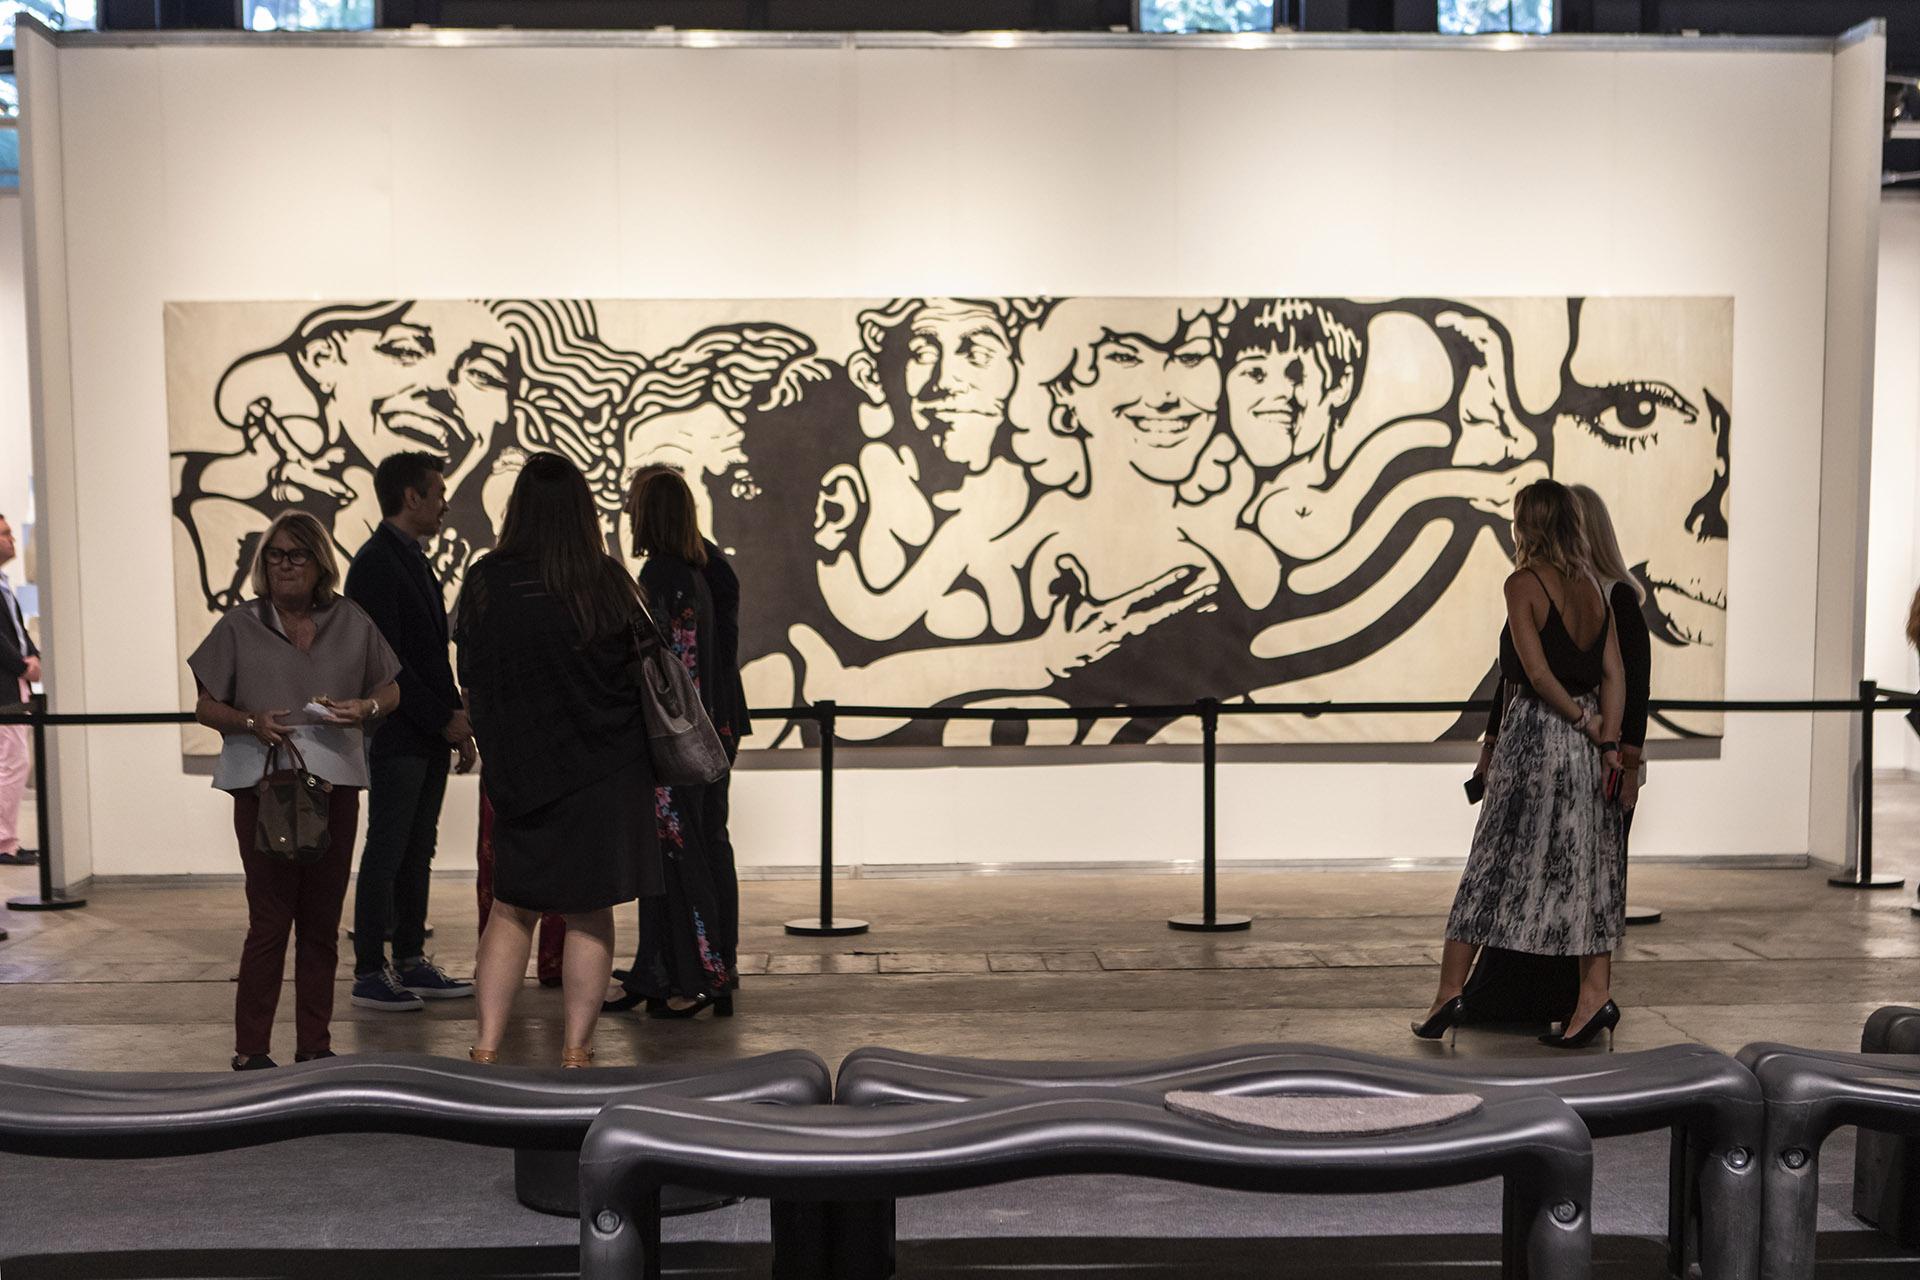 El objetivo principal será contribuir al desarrollo y difusión de la cultura y las artes en toda sus expresiones, para acercarlas a la comunidad y a los distintos públicos.